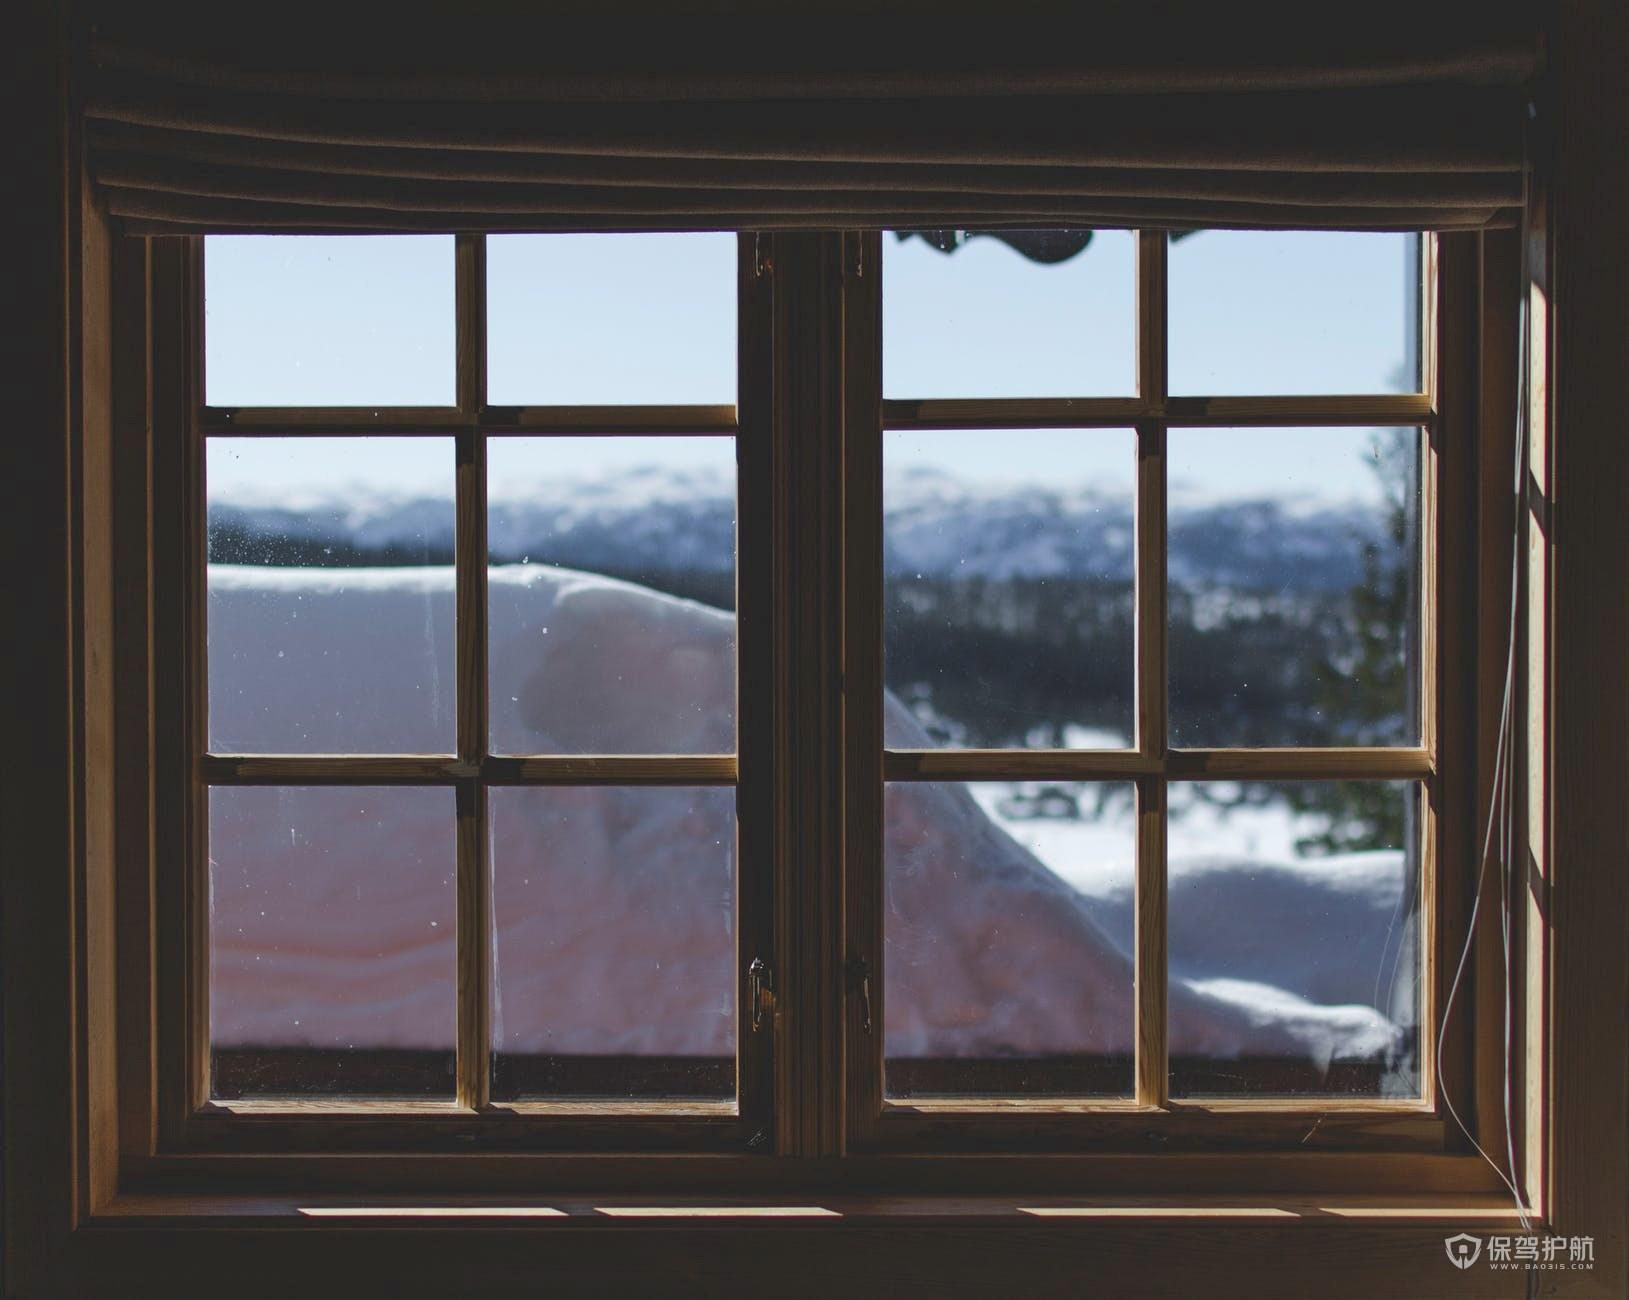 窗户玻璃有几种颜色?常睹的玻璃品种有哪些?